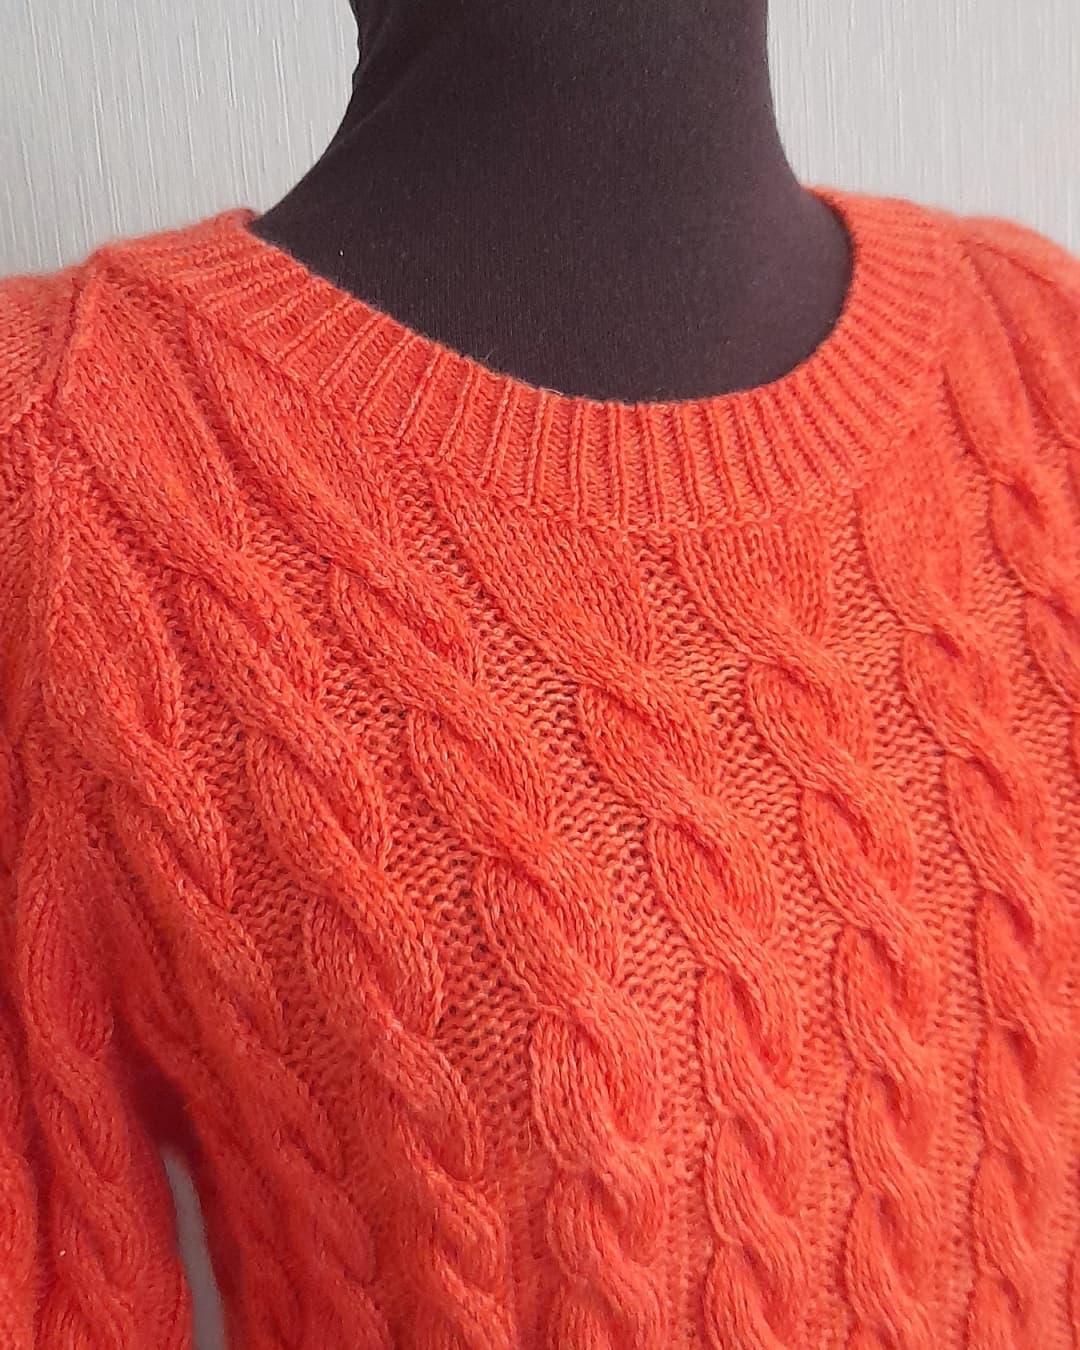 sarlag yarn cashmere